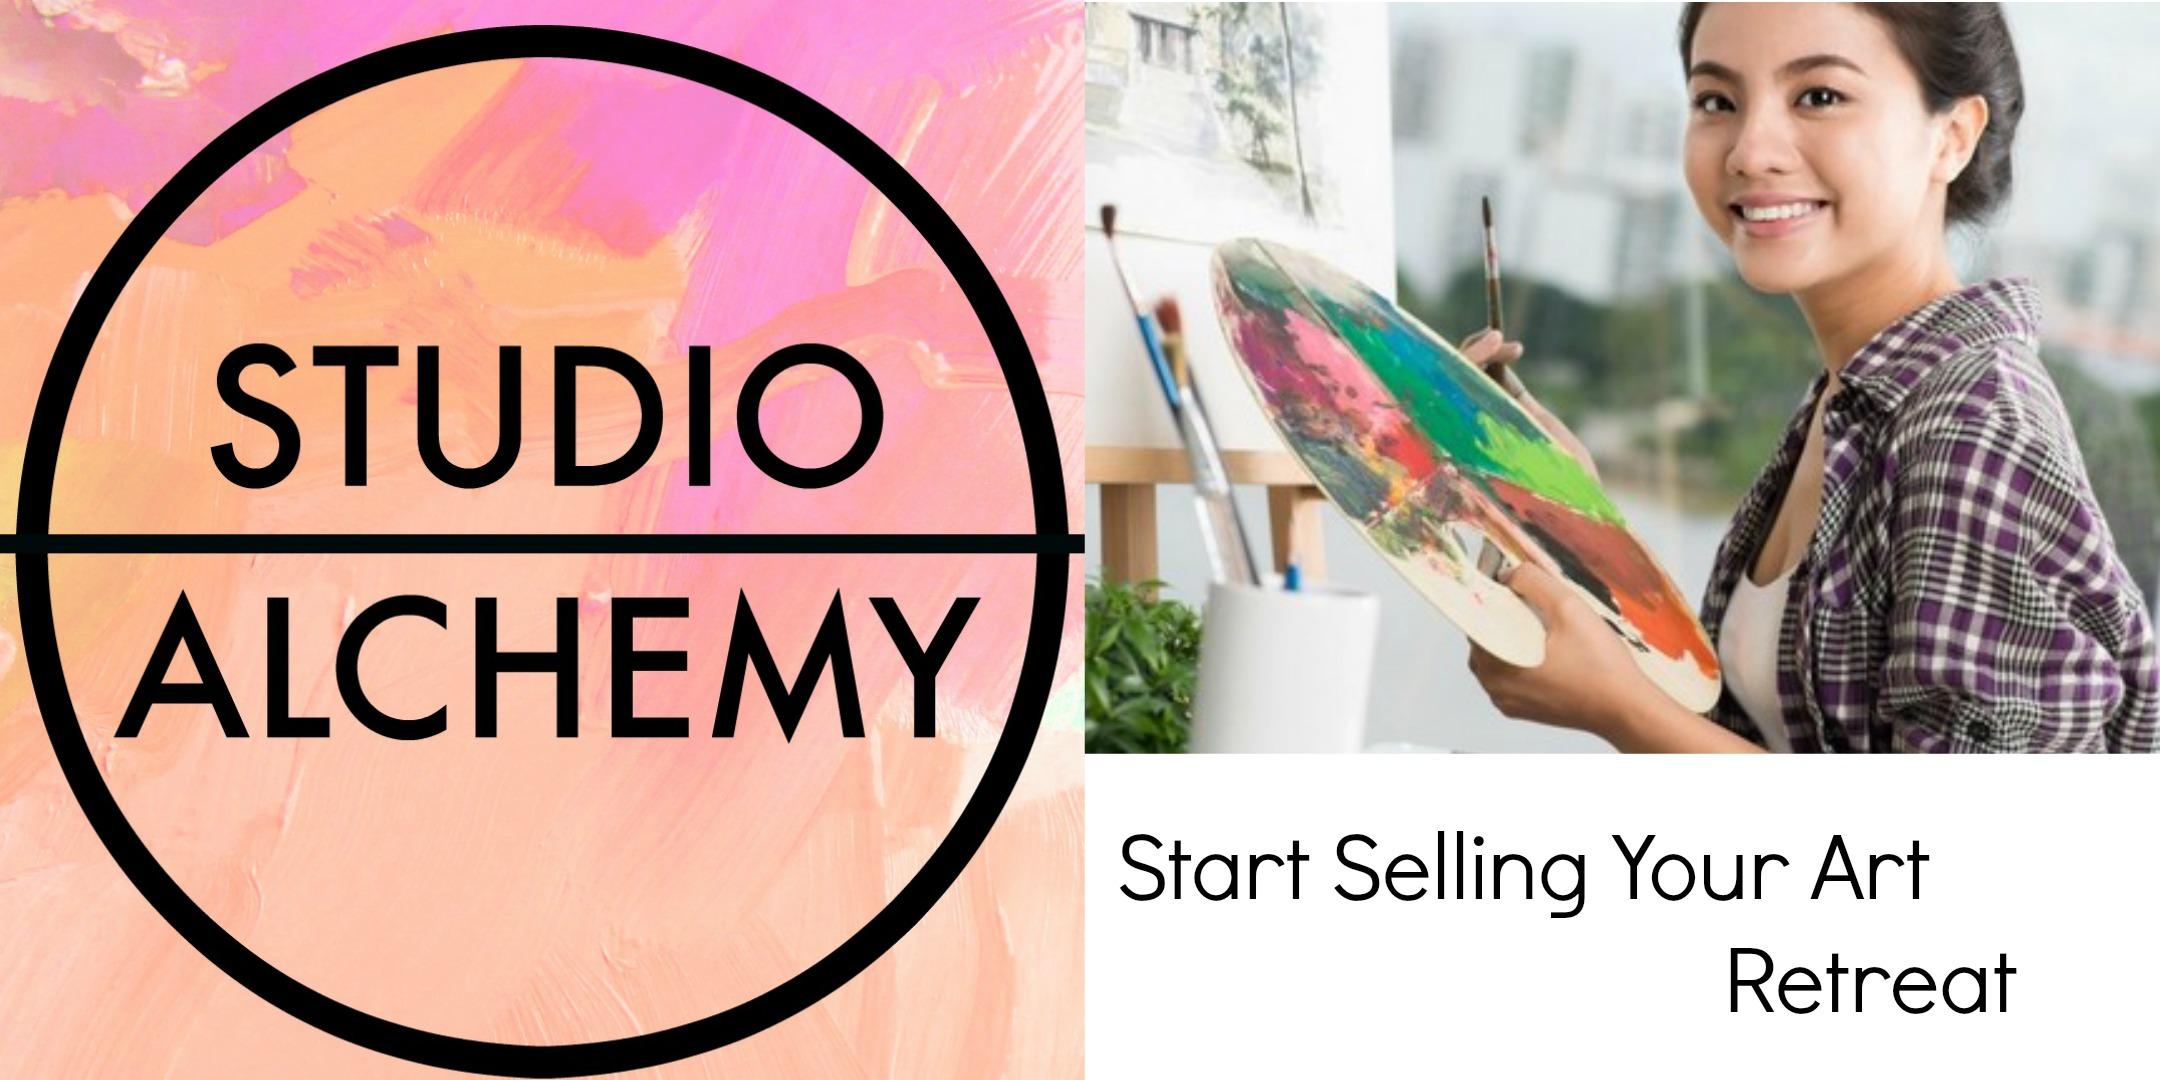 Start Selling Your Art Retreat logo for eventbrite.jpg